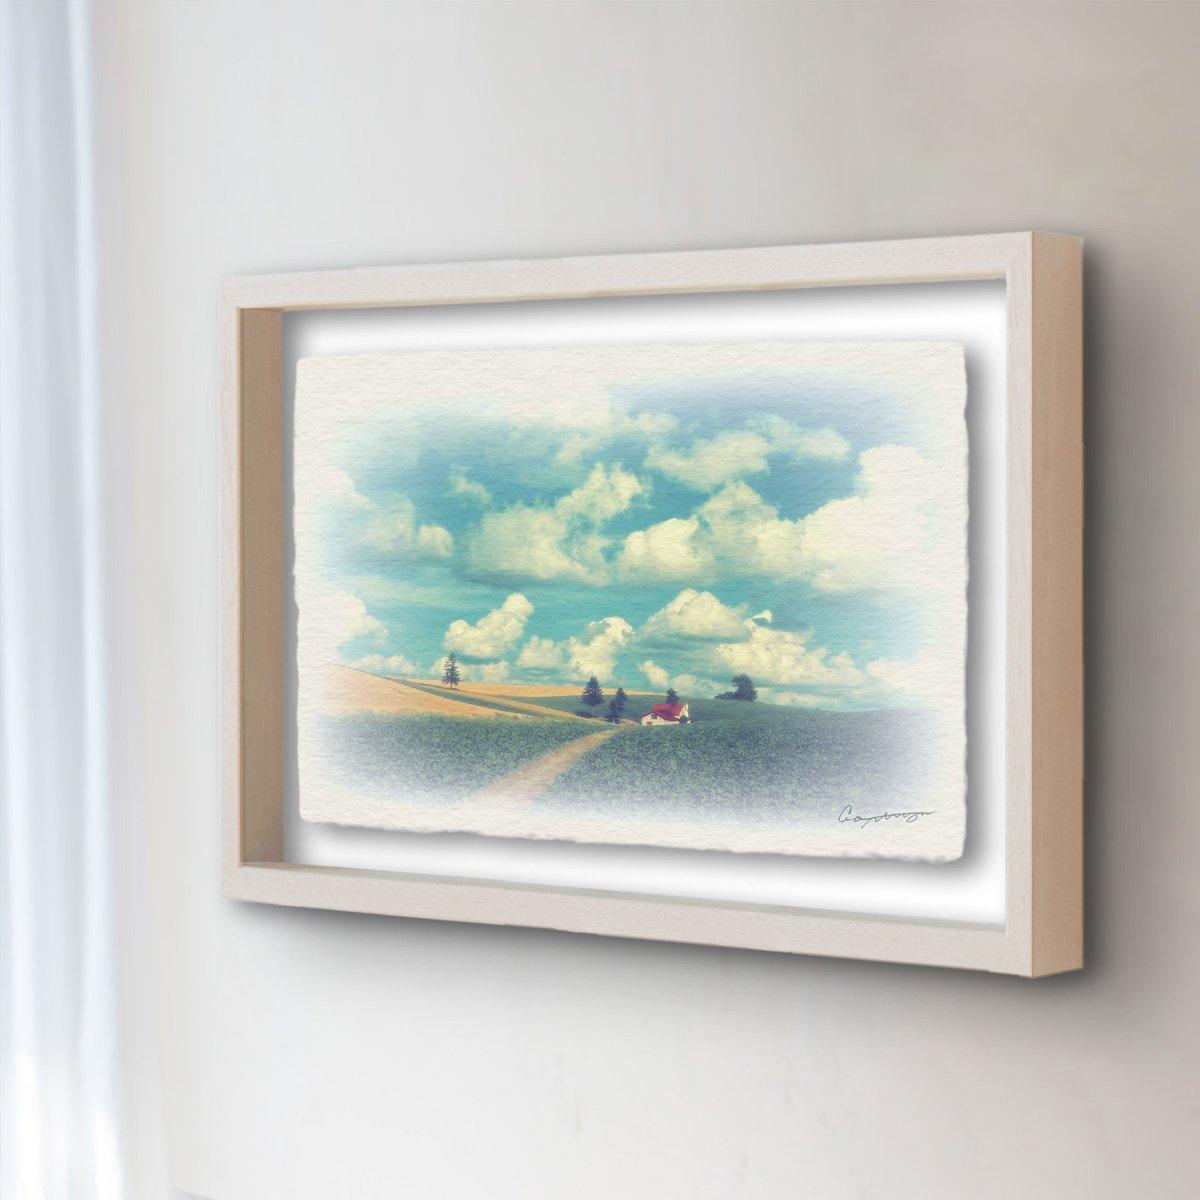 和紙 アートフレーム 続き 絵 絵画 壁掛け インテリア アート 「夏の雲とジャガイモ畑と赤い家へと続く道」 (27x22cm) B073V7YV1X